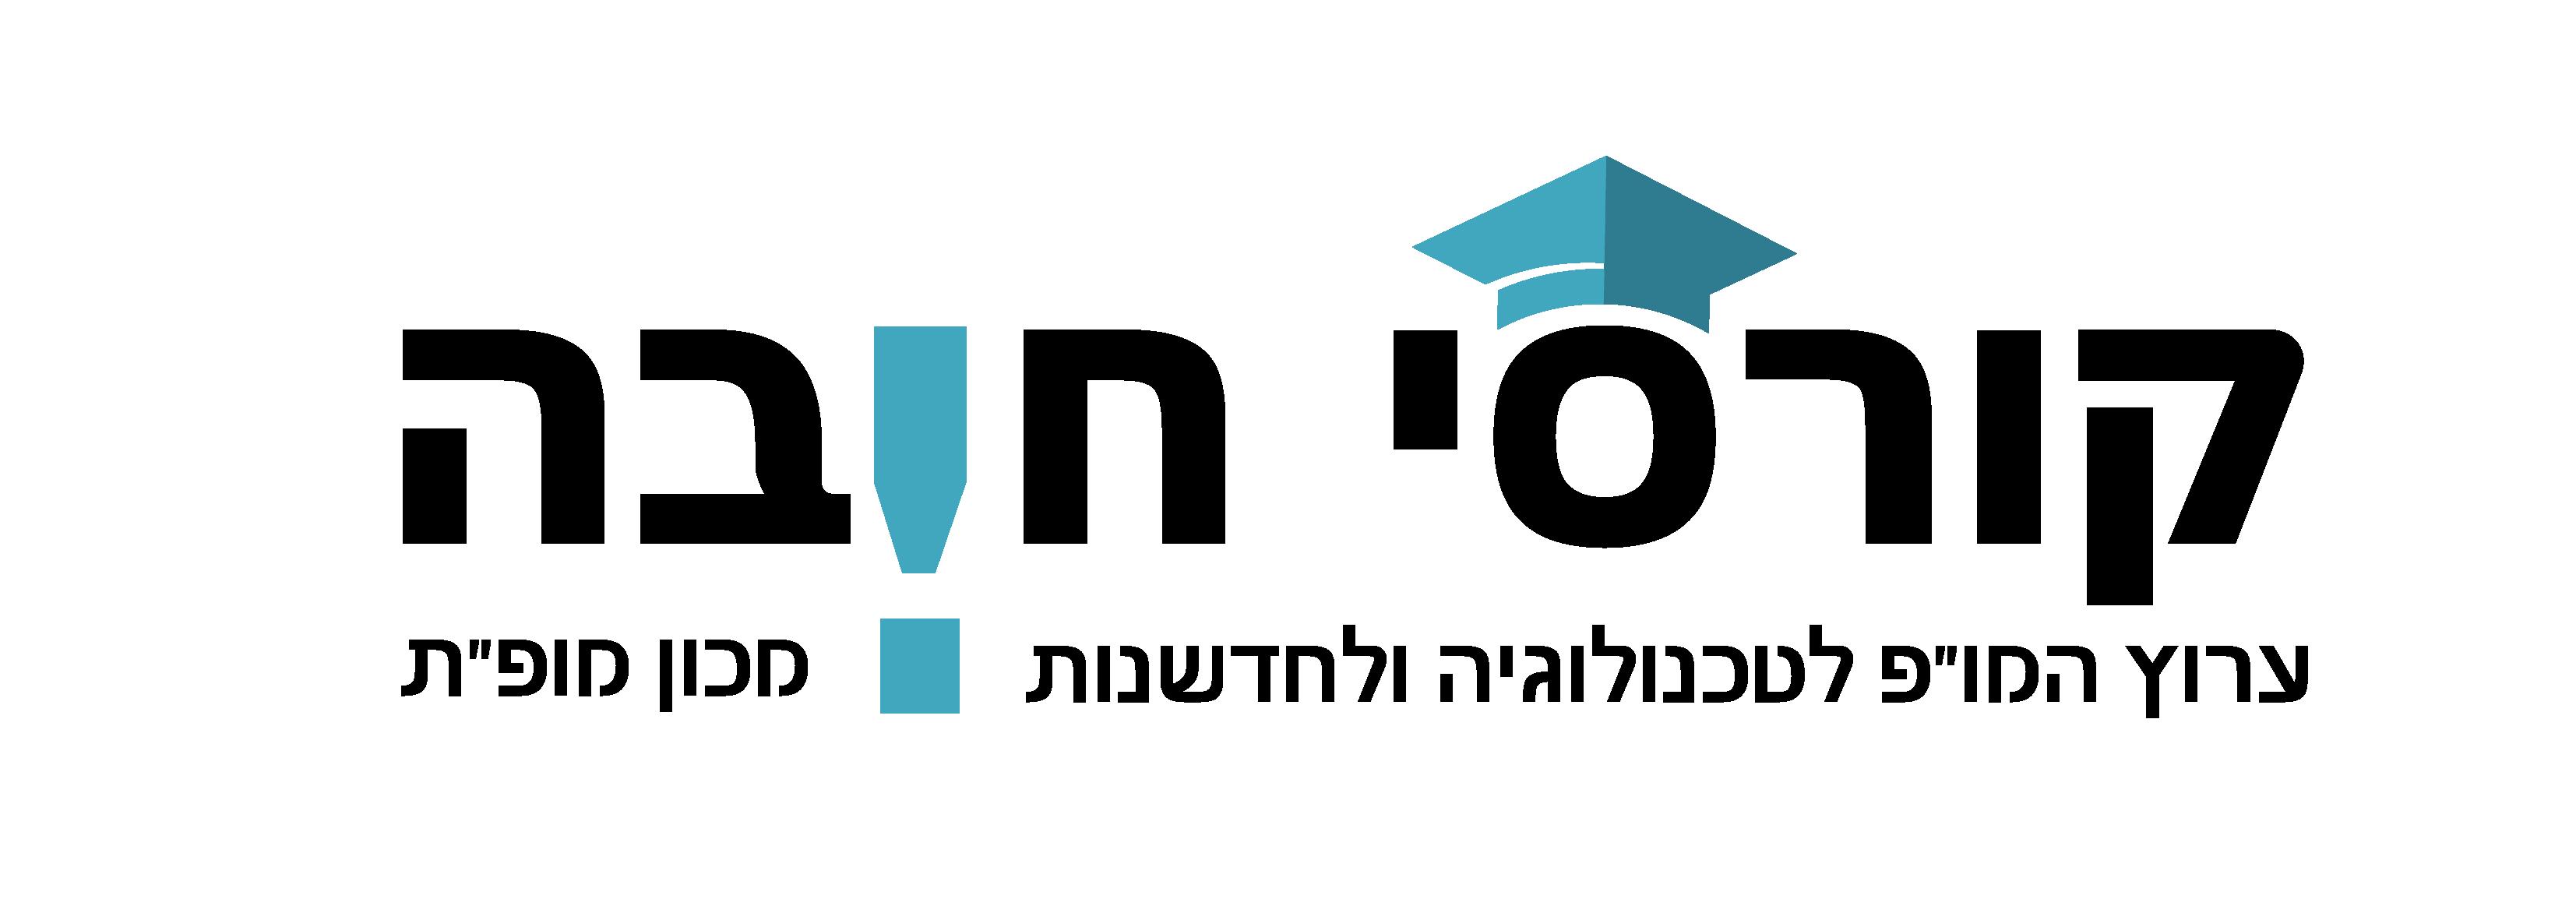 """קורסי חובה- קורסים מקוונים של מכון מופ""""ת בשיתוף משרד החינוך"""